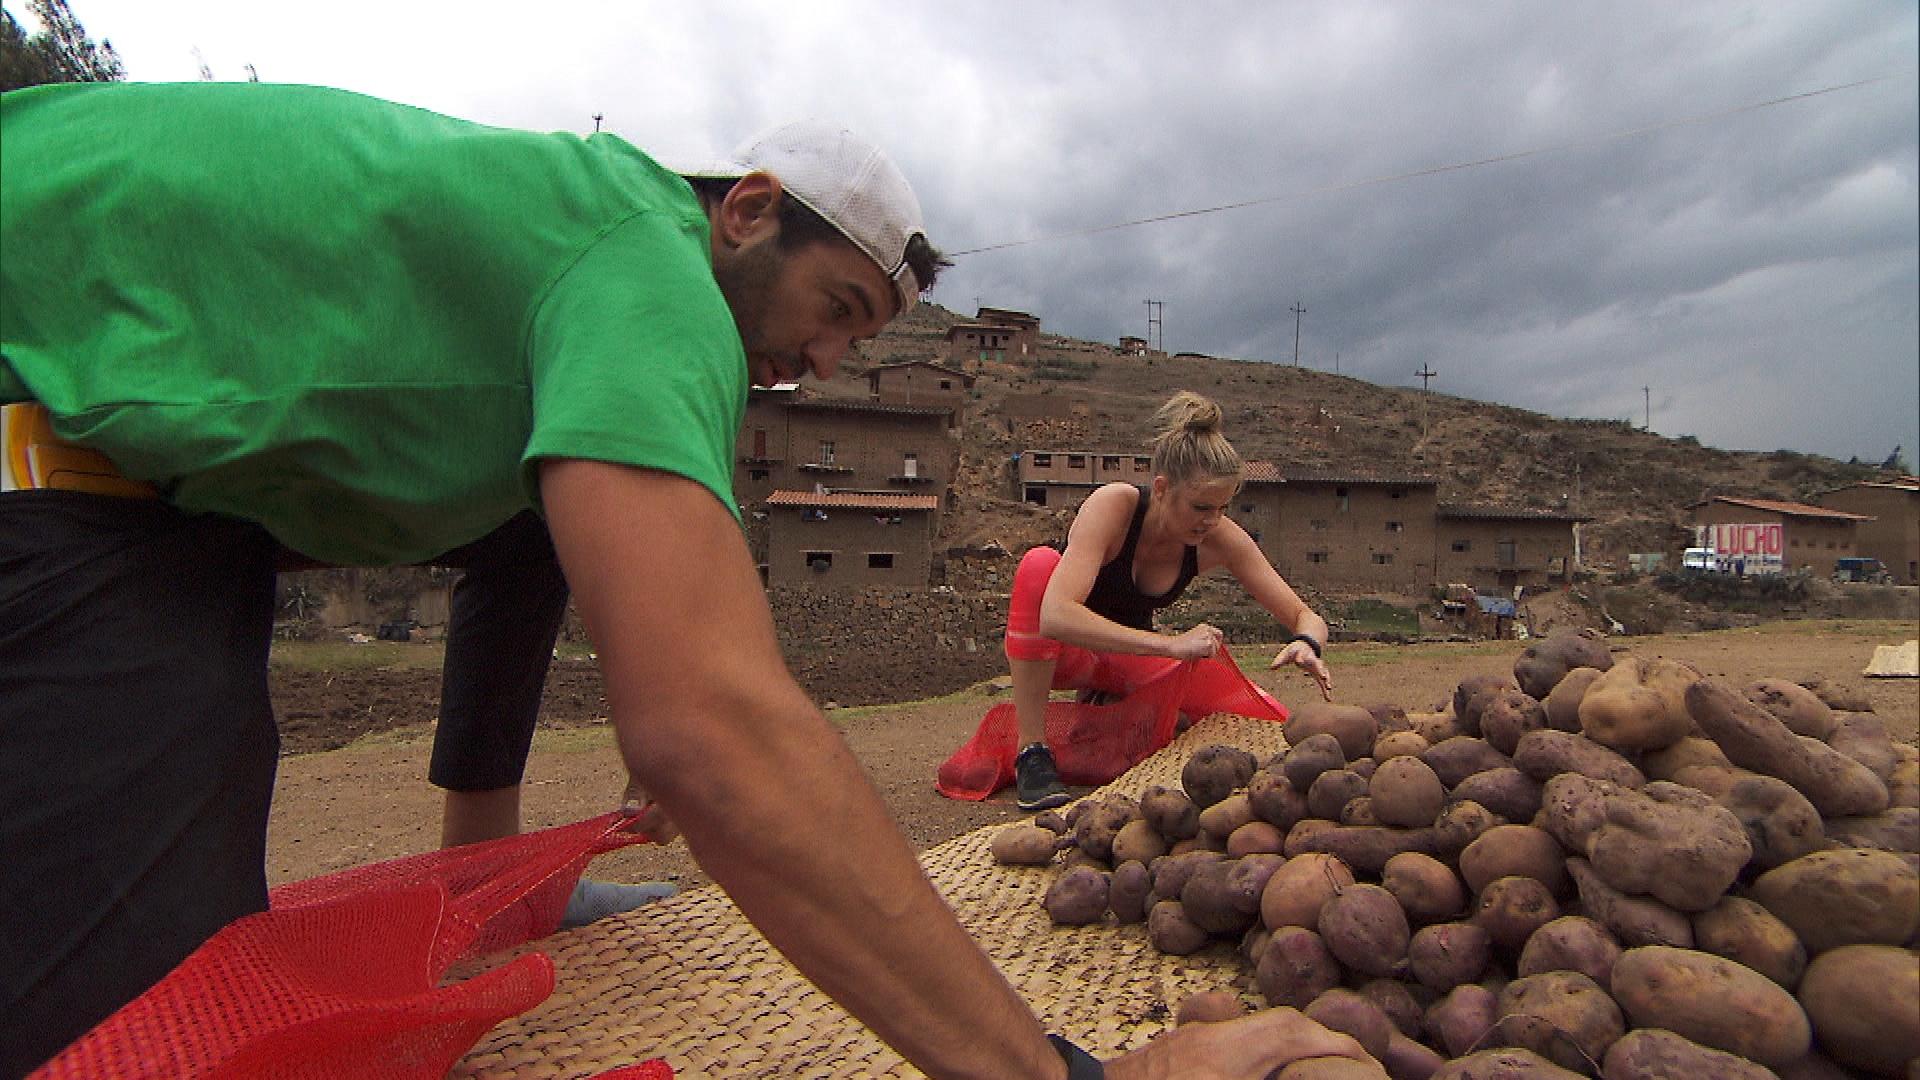 A potato challenge